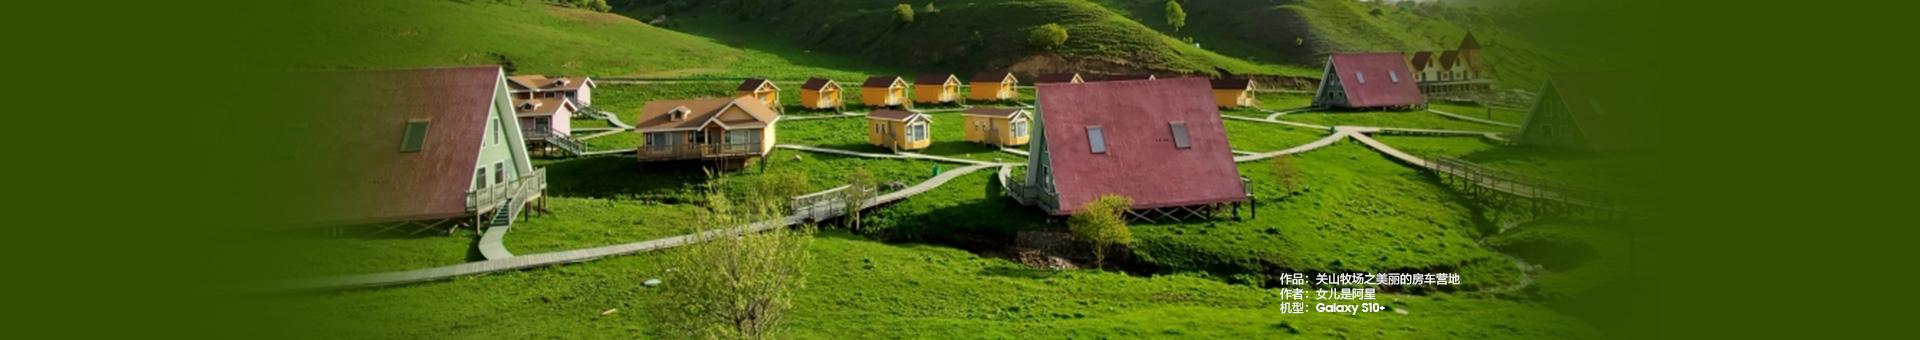 关山牧场之美丽的房车营地